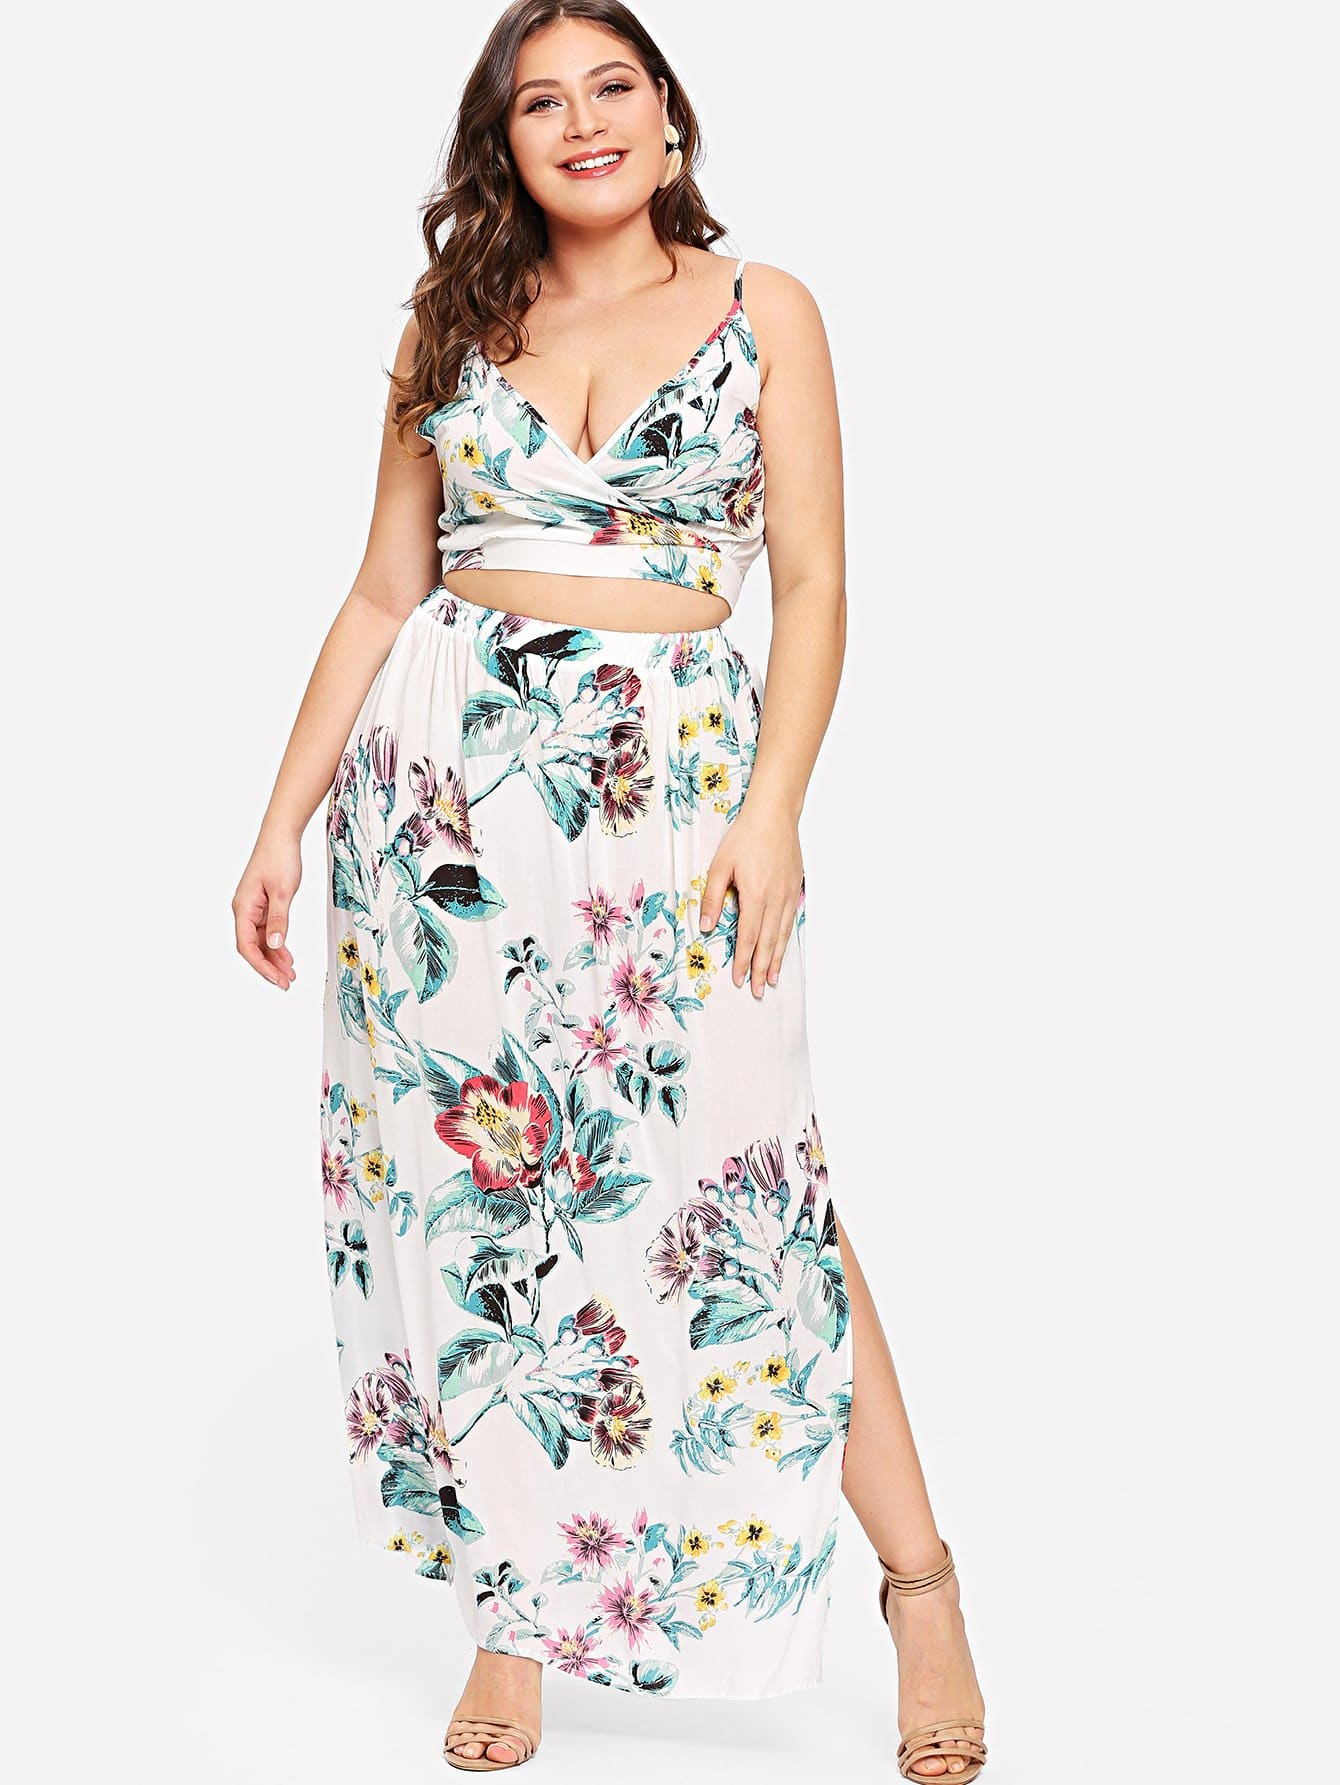 Plus Surplice Neck Floral Cami Top & Skirt Set surplice neck ribbed cami top